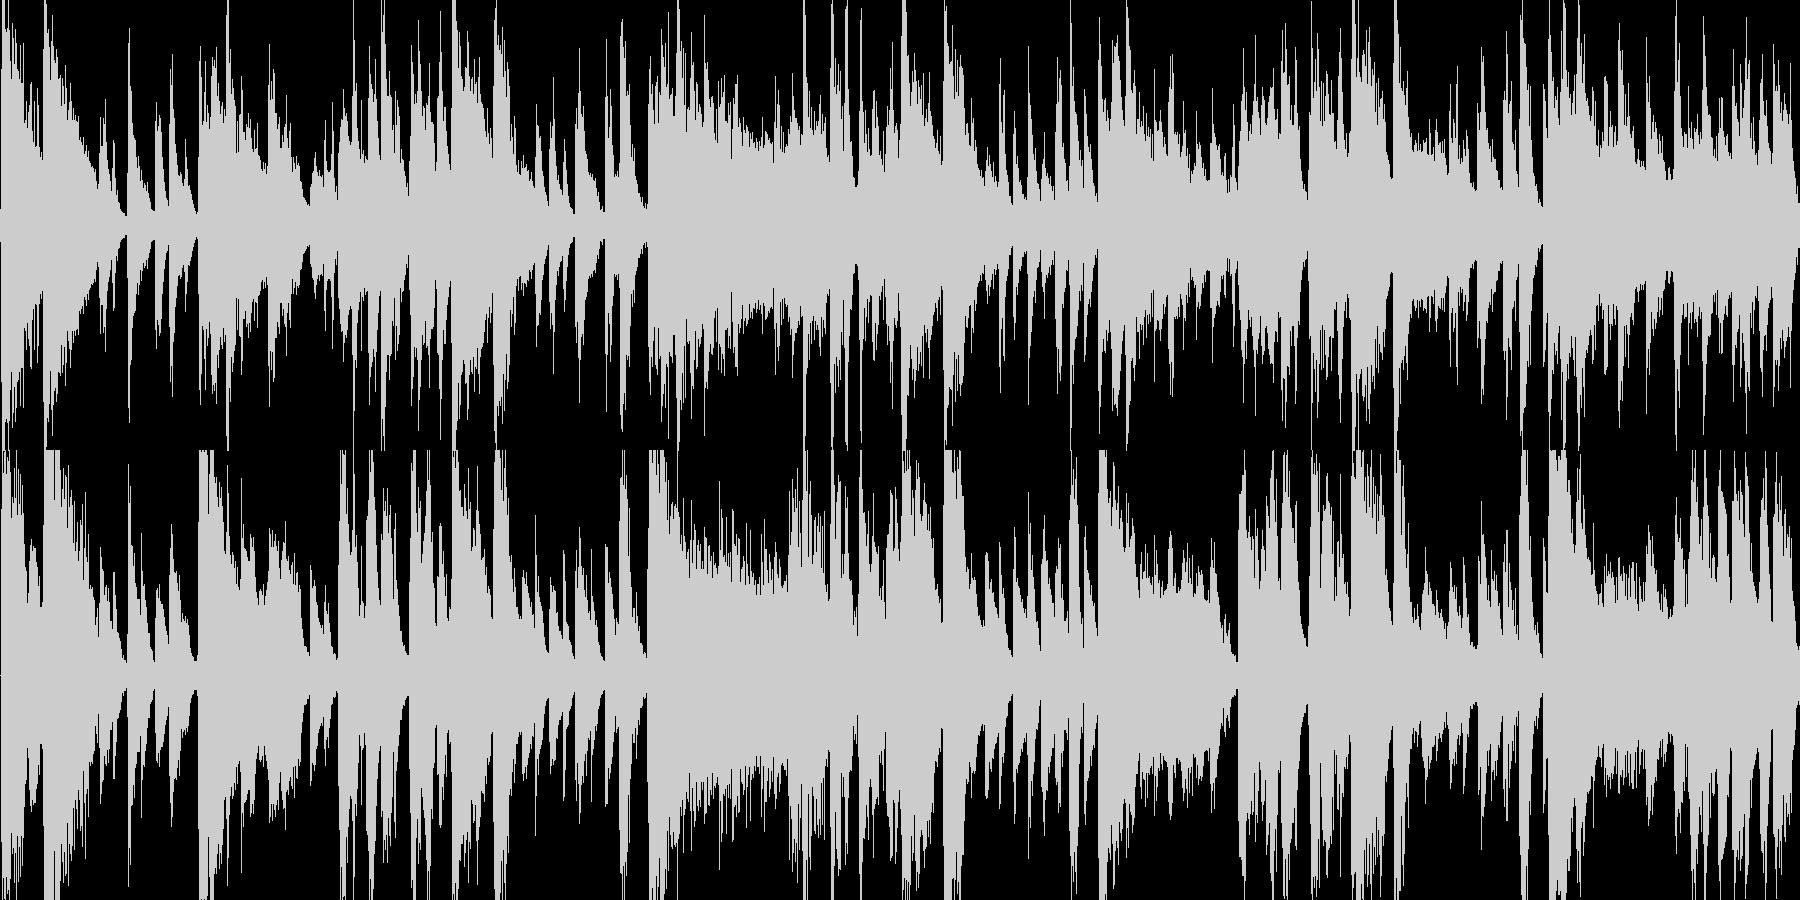 ラテン風の激しめなジングル_ループの未再生の波形